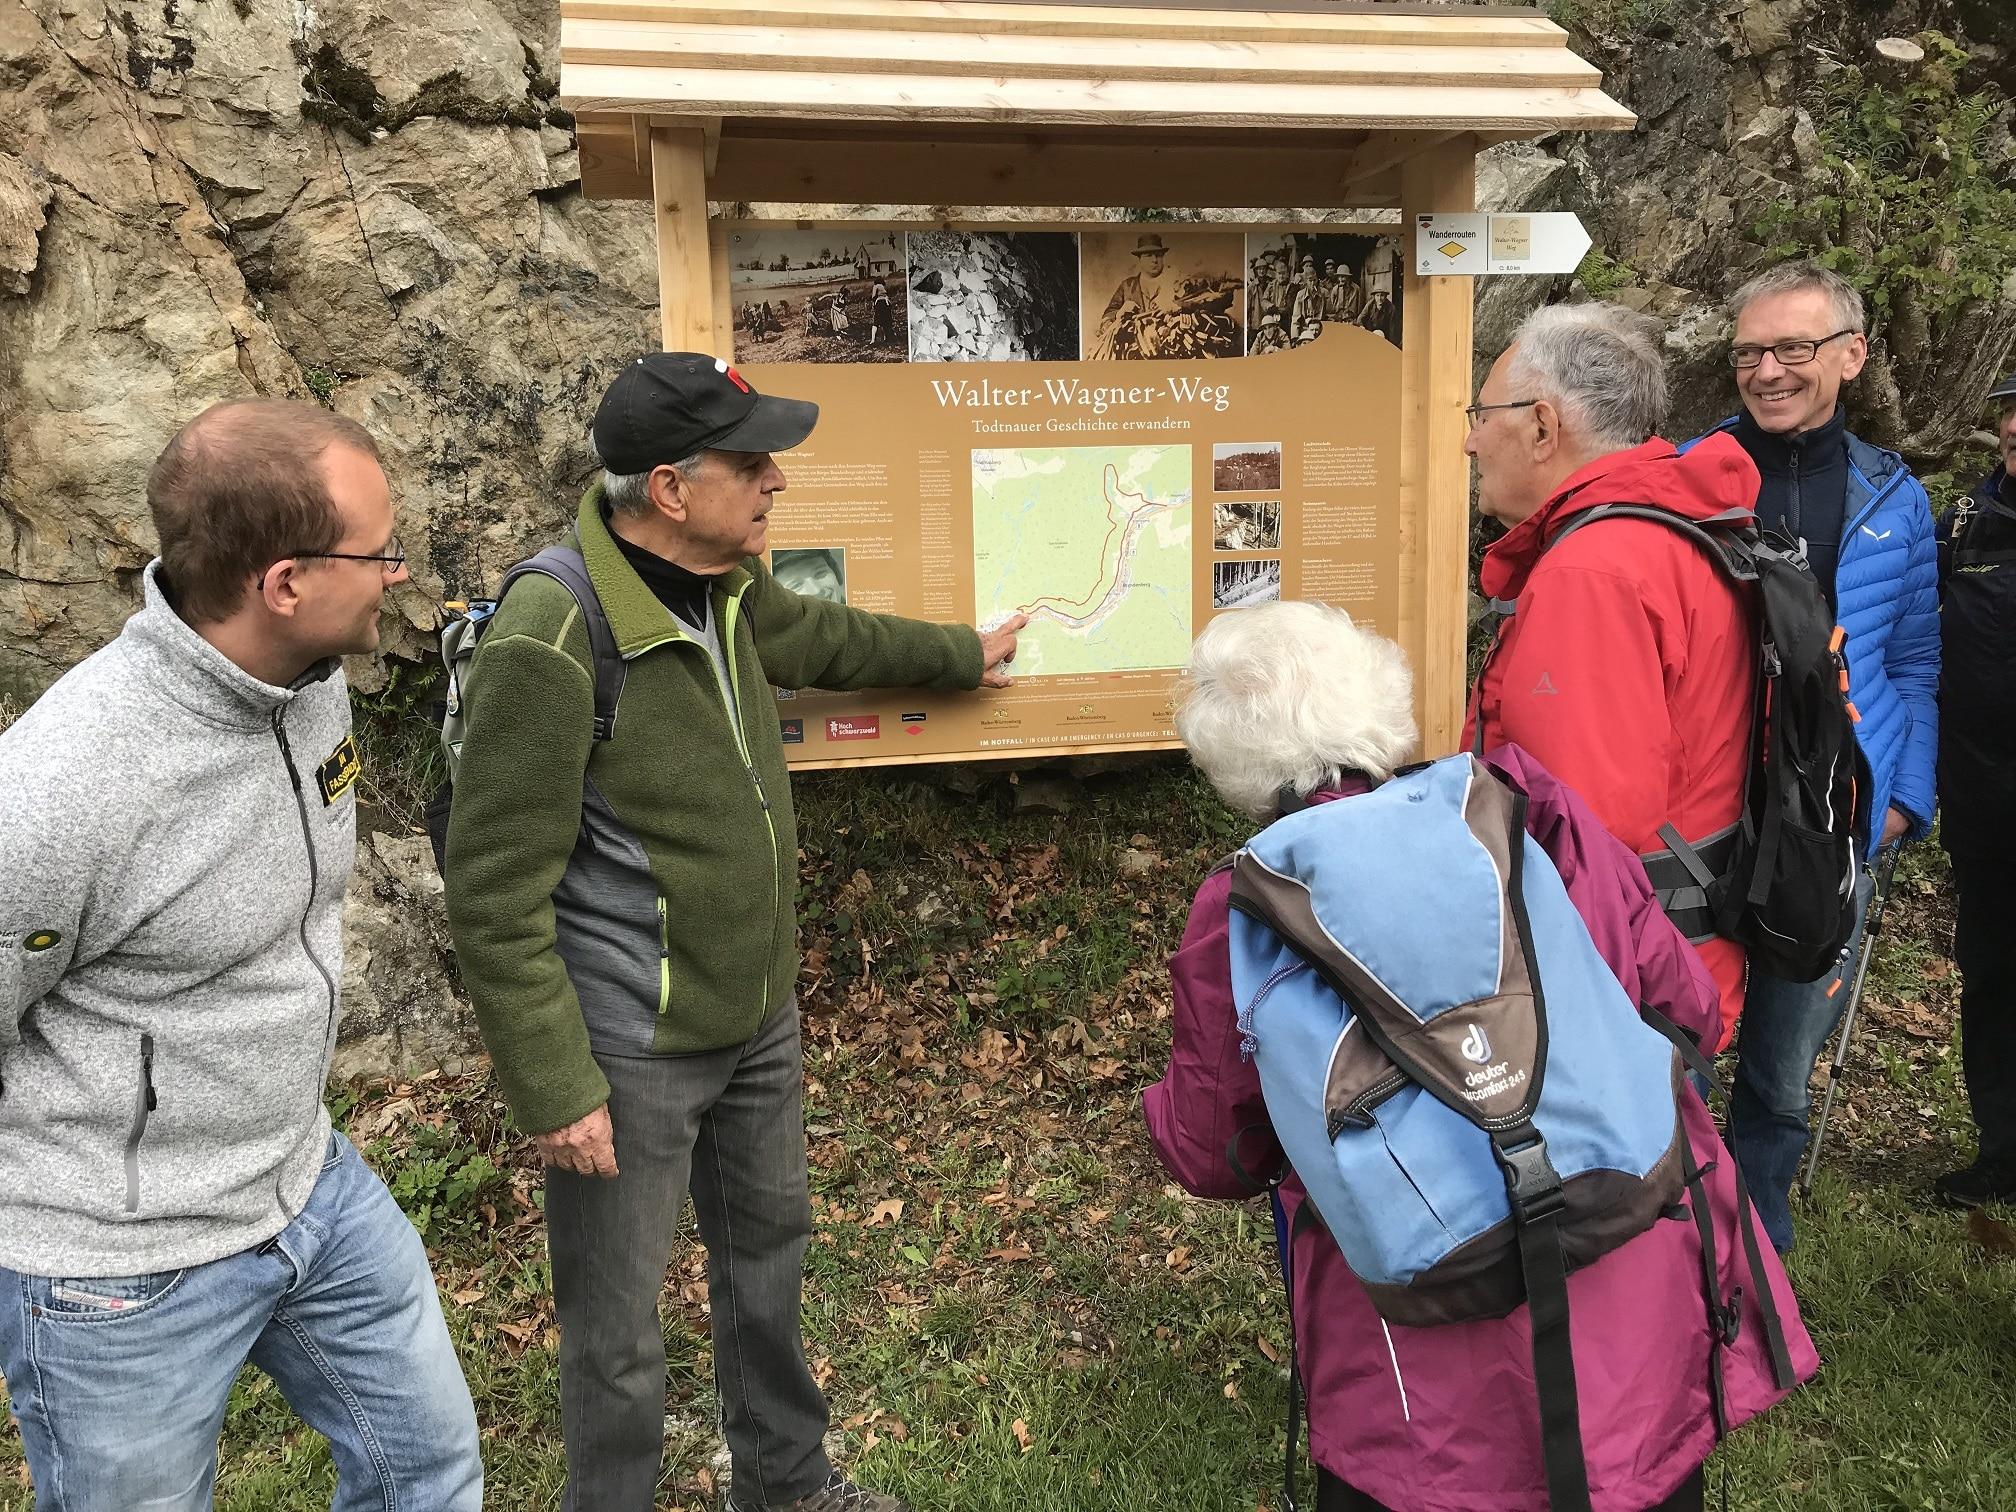 Geschichte und Geschichten erwandern: Schwarzwaldverein eröffnet Walter-Wagner-Weg in Todtnau